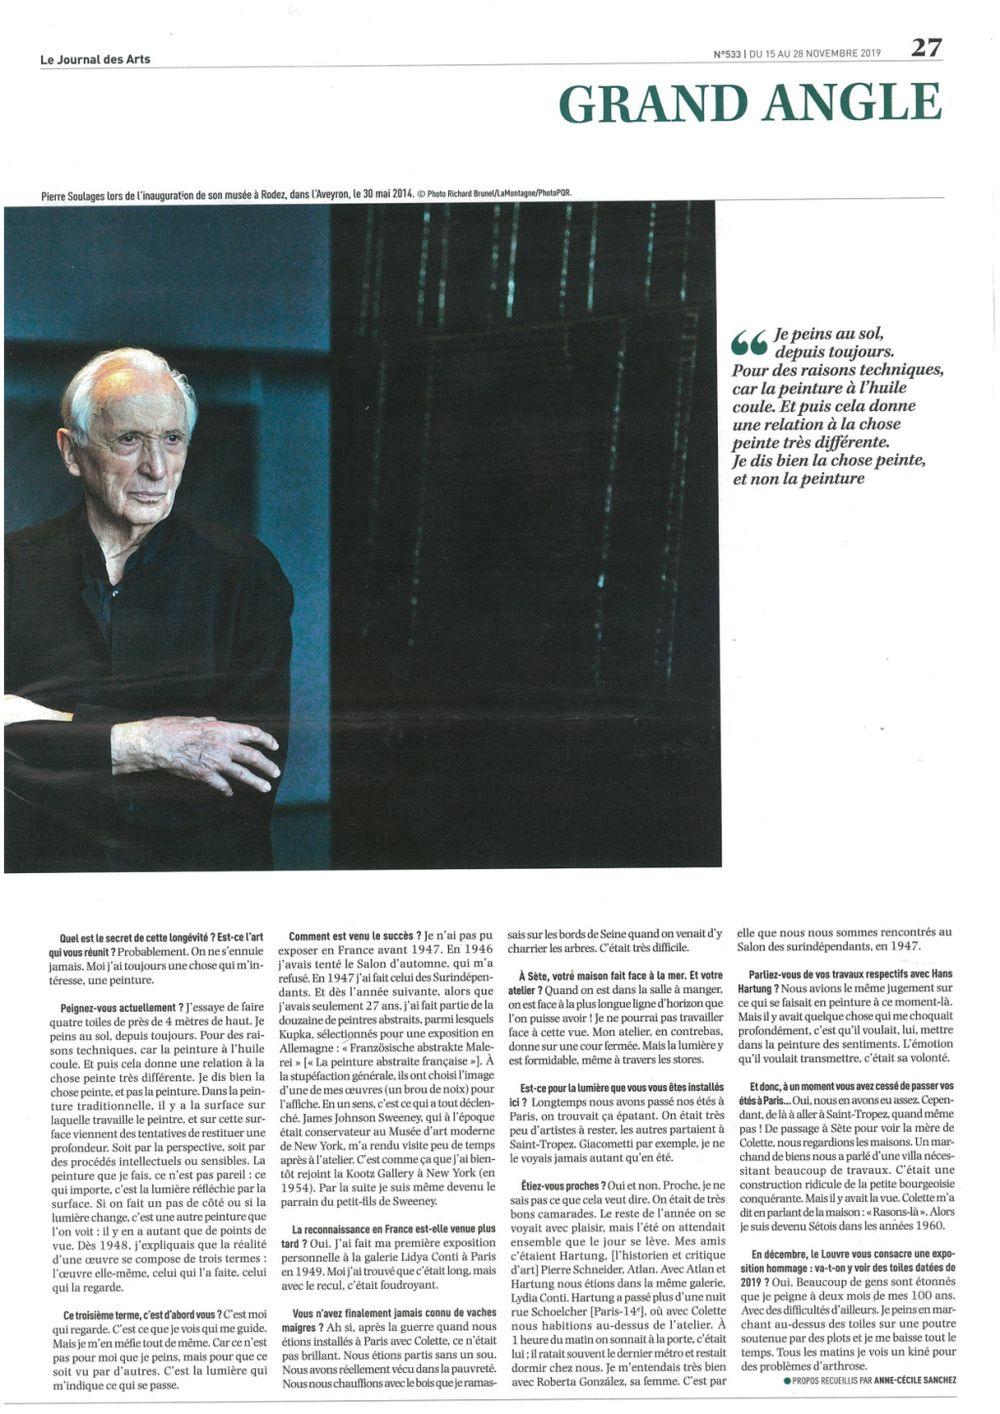 Le Journal des Arts | Pierre SOULAGES